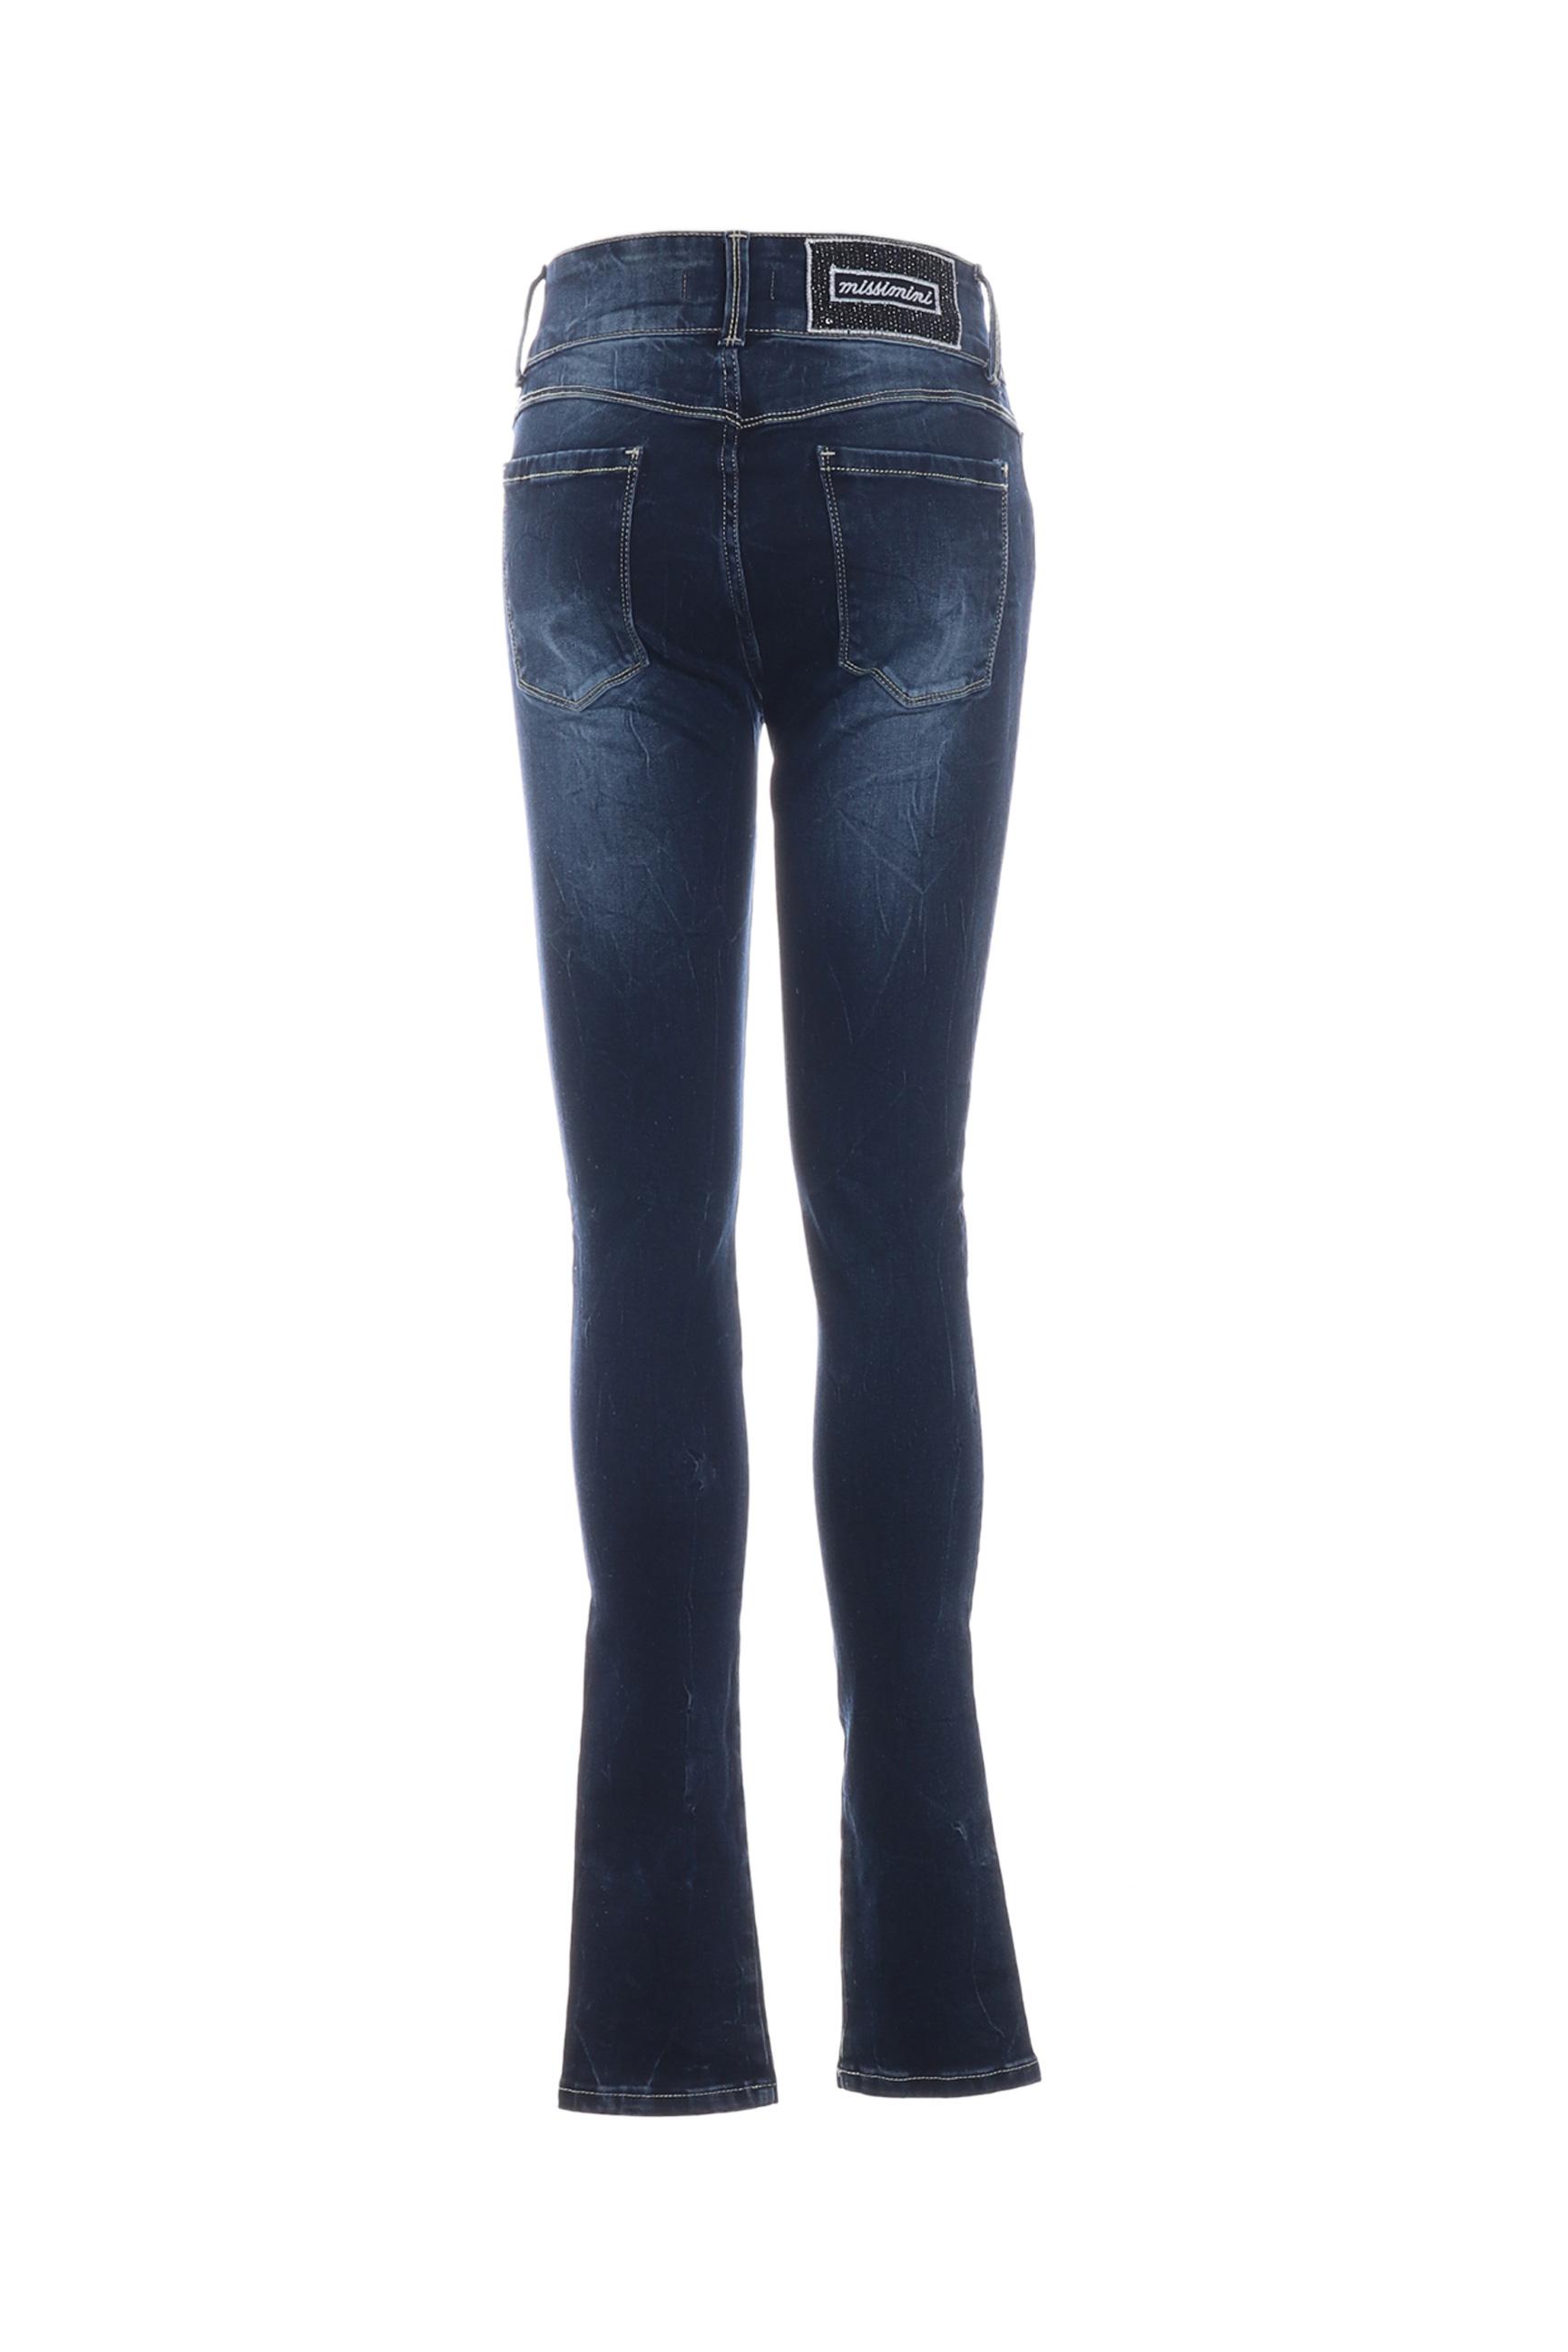 Missimini Jeans Skinny Femme De Couleur Bleu En Soldes Pas Cher 1267684-bleu00